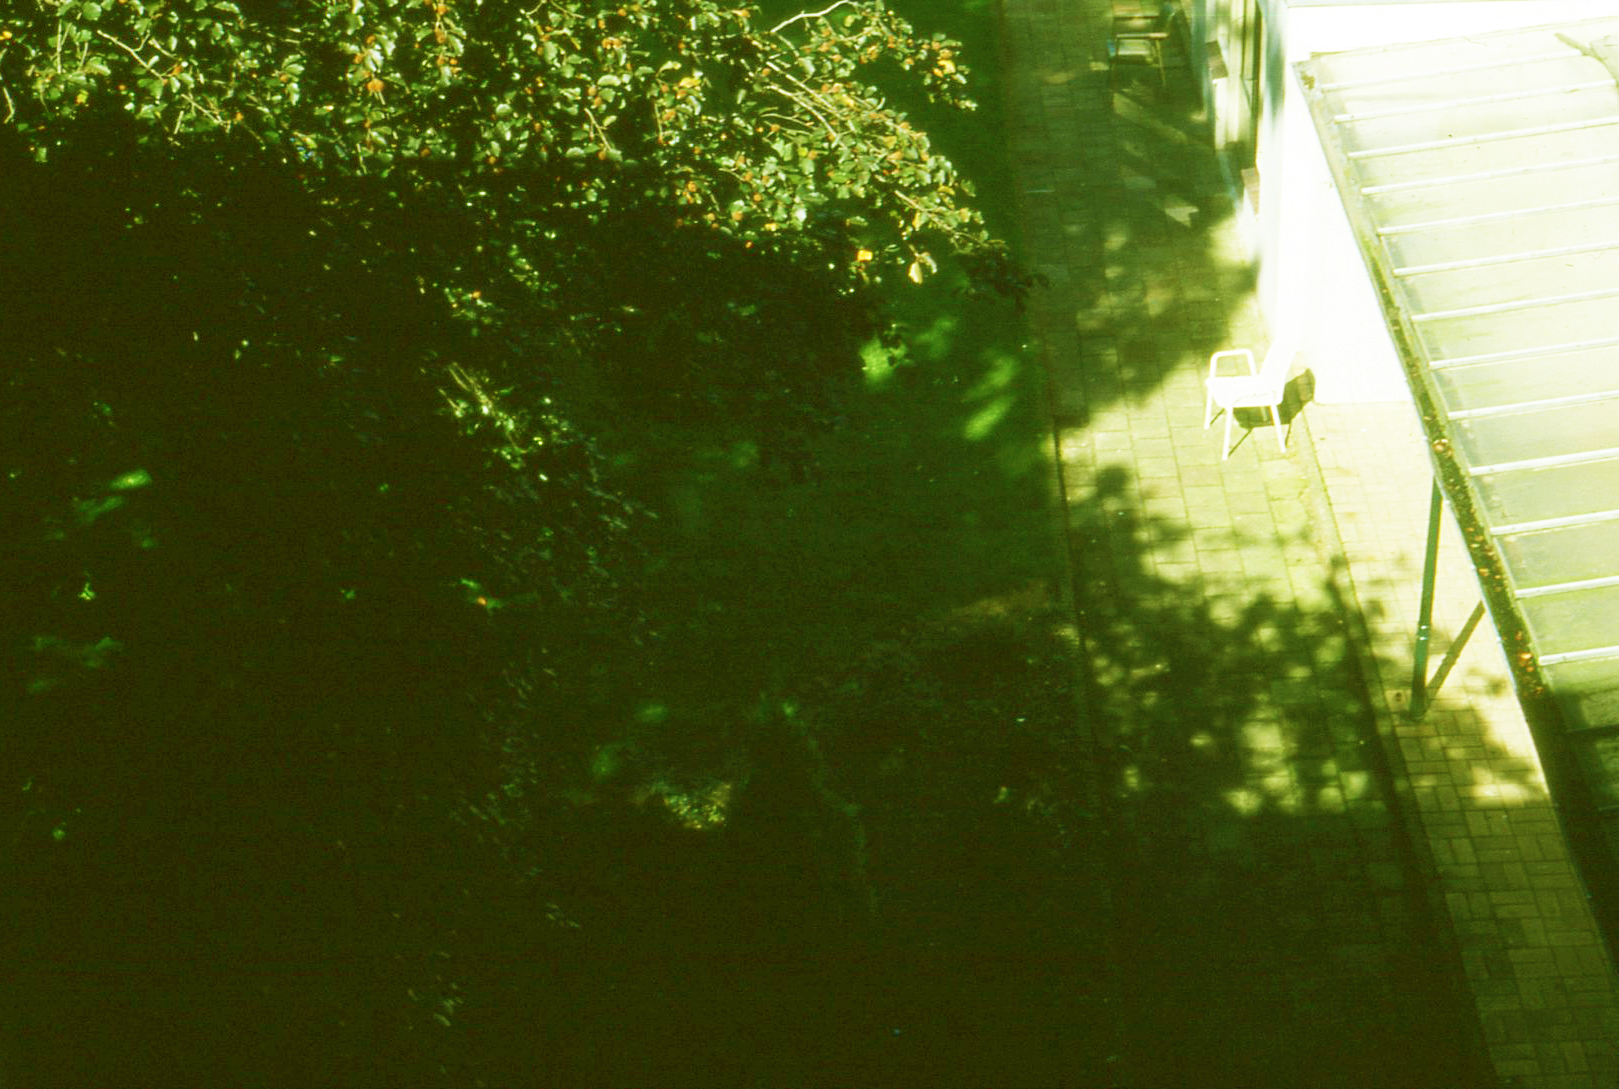 Grasveld op binnenplaats met een stoel, van bovenaf gezien.